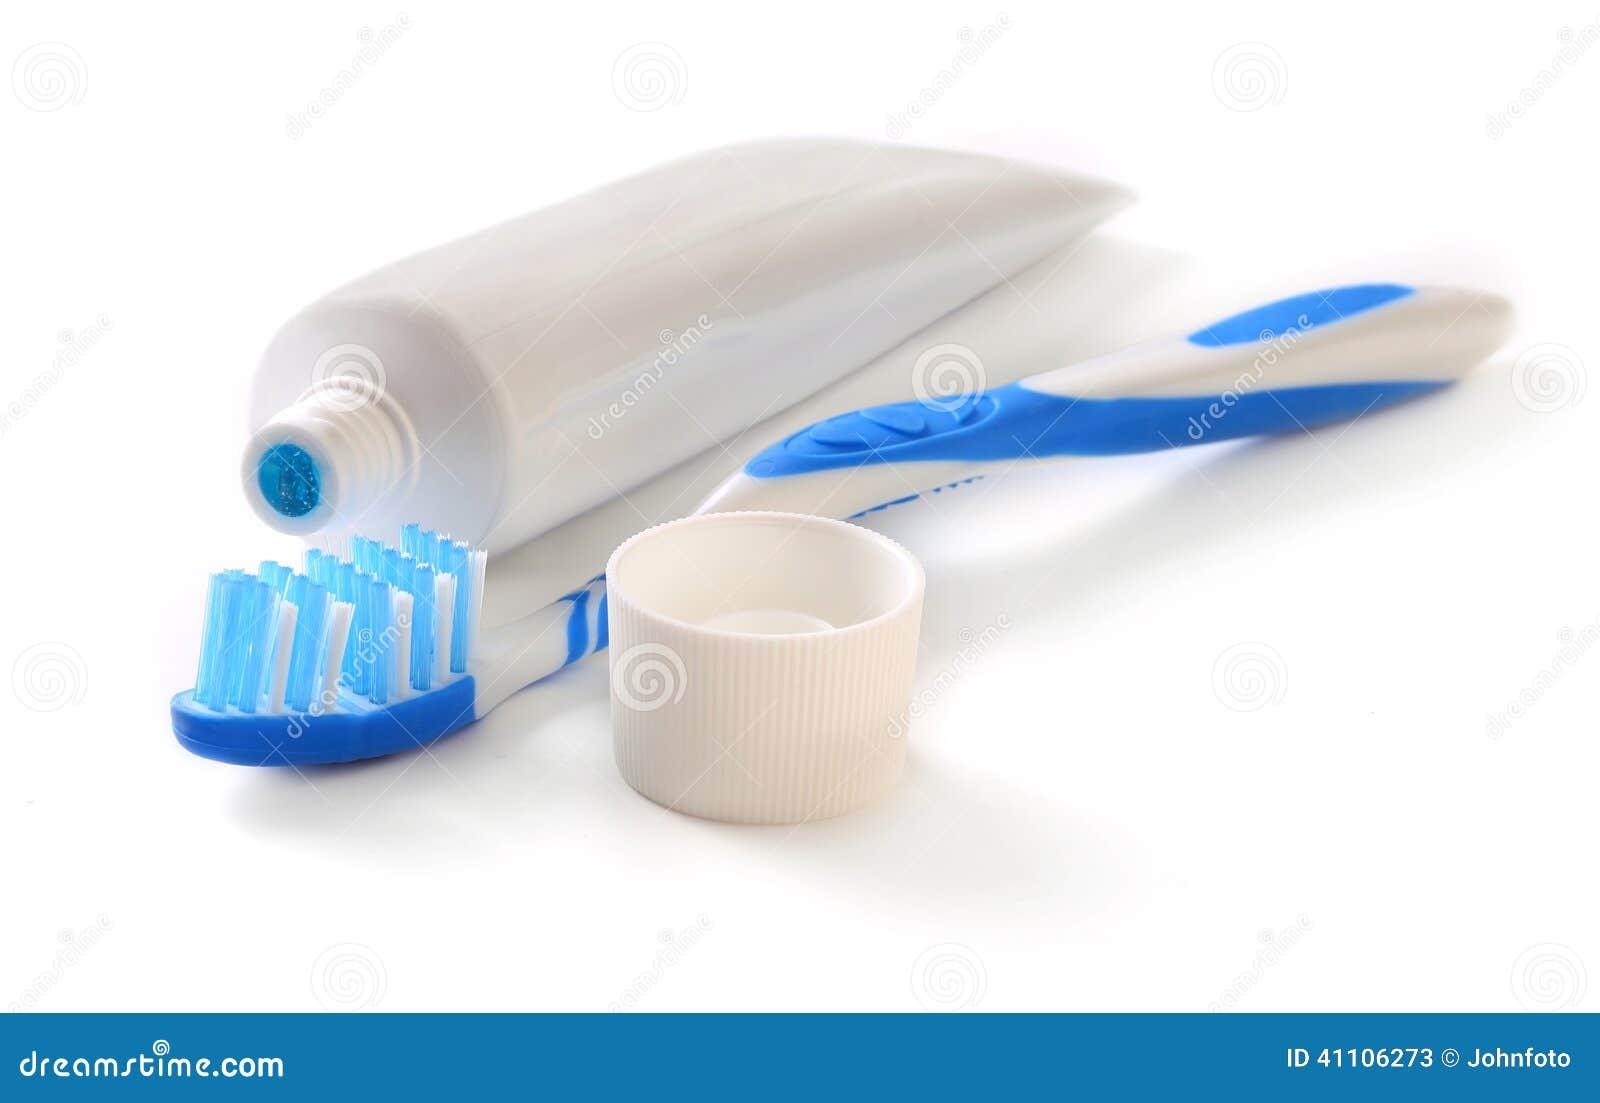 Как сделать зубную щетку и пасту для кукол